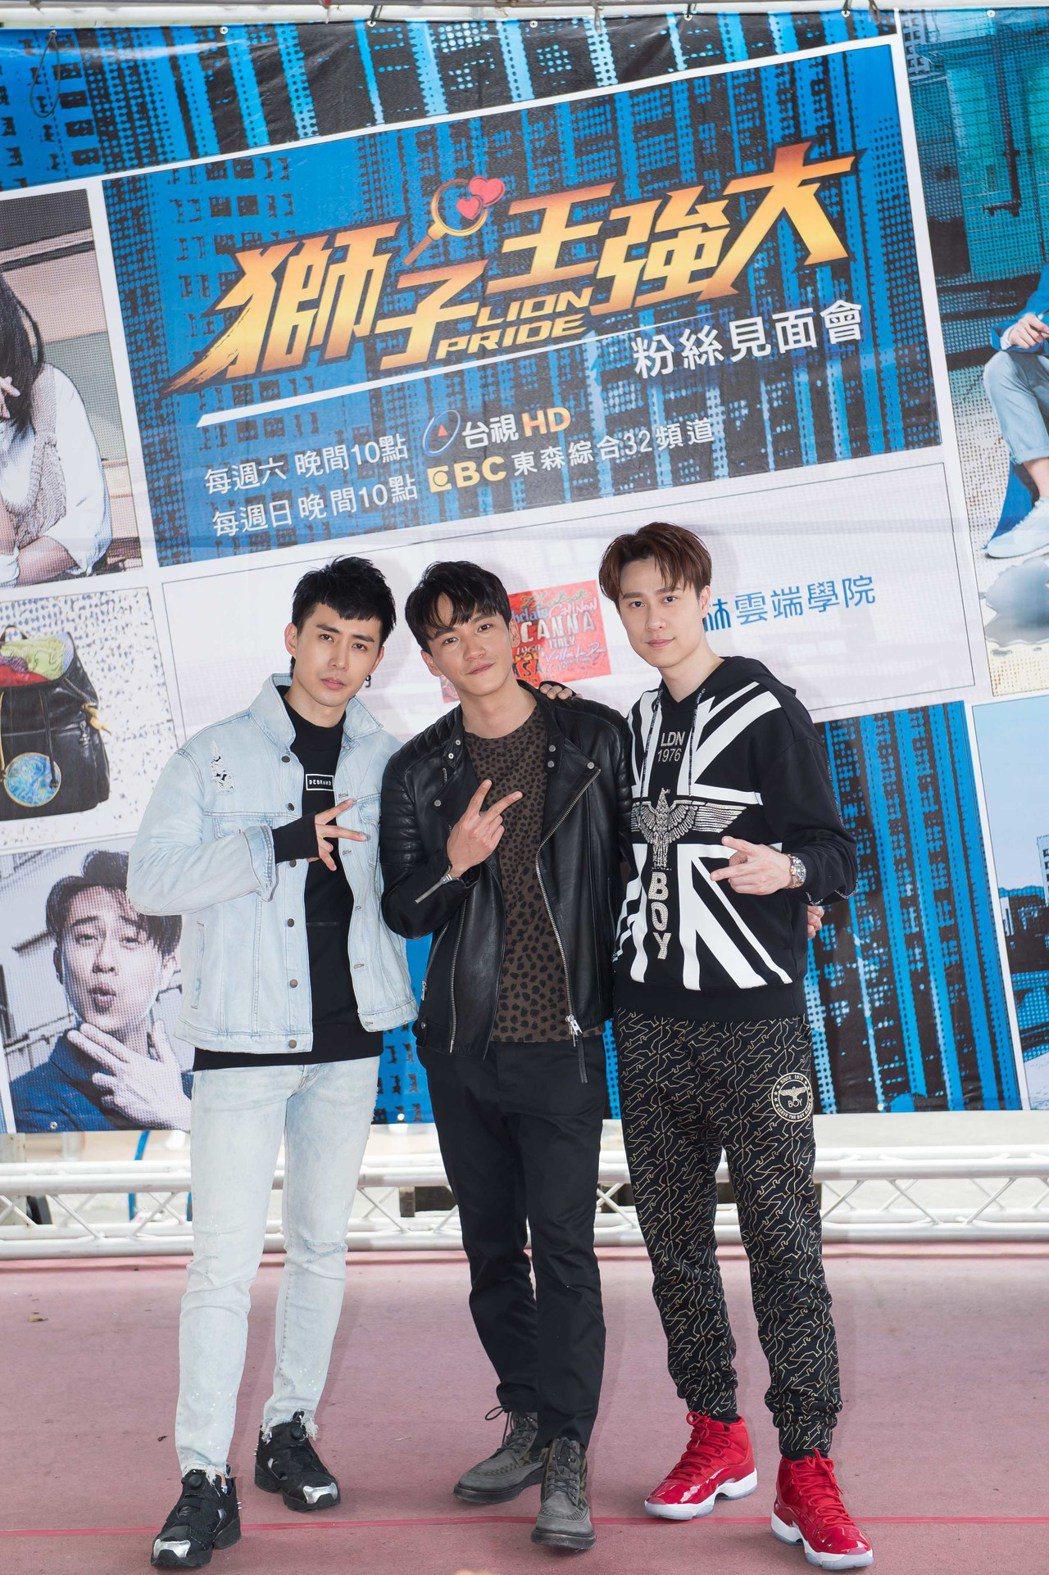 劉書宏(右起)、曹晏豪、溫肯尼因戲成為好哥兒們,還搞笑組團「ATM」。圖/東森提...